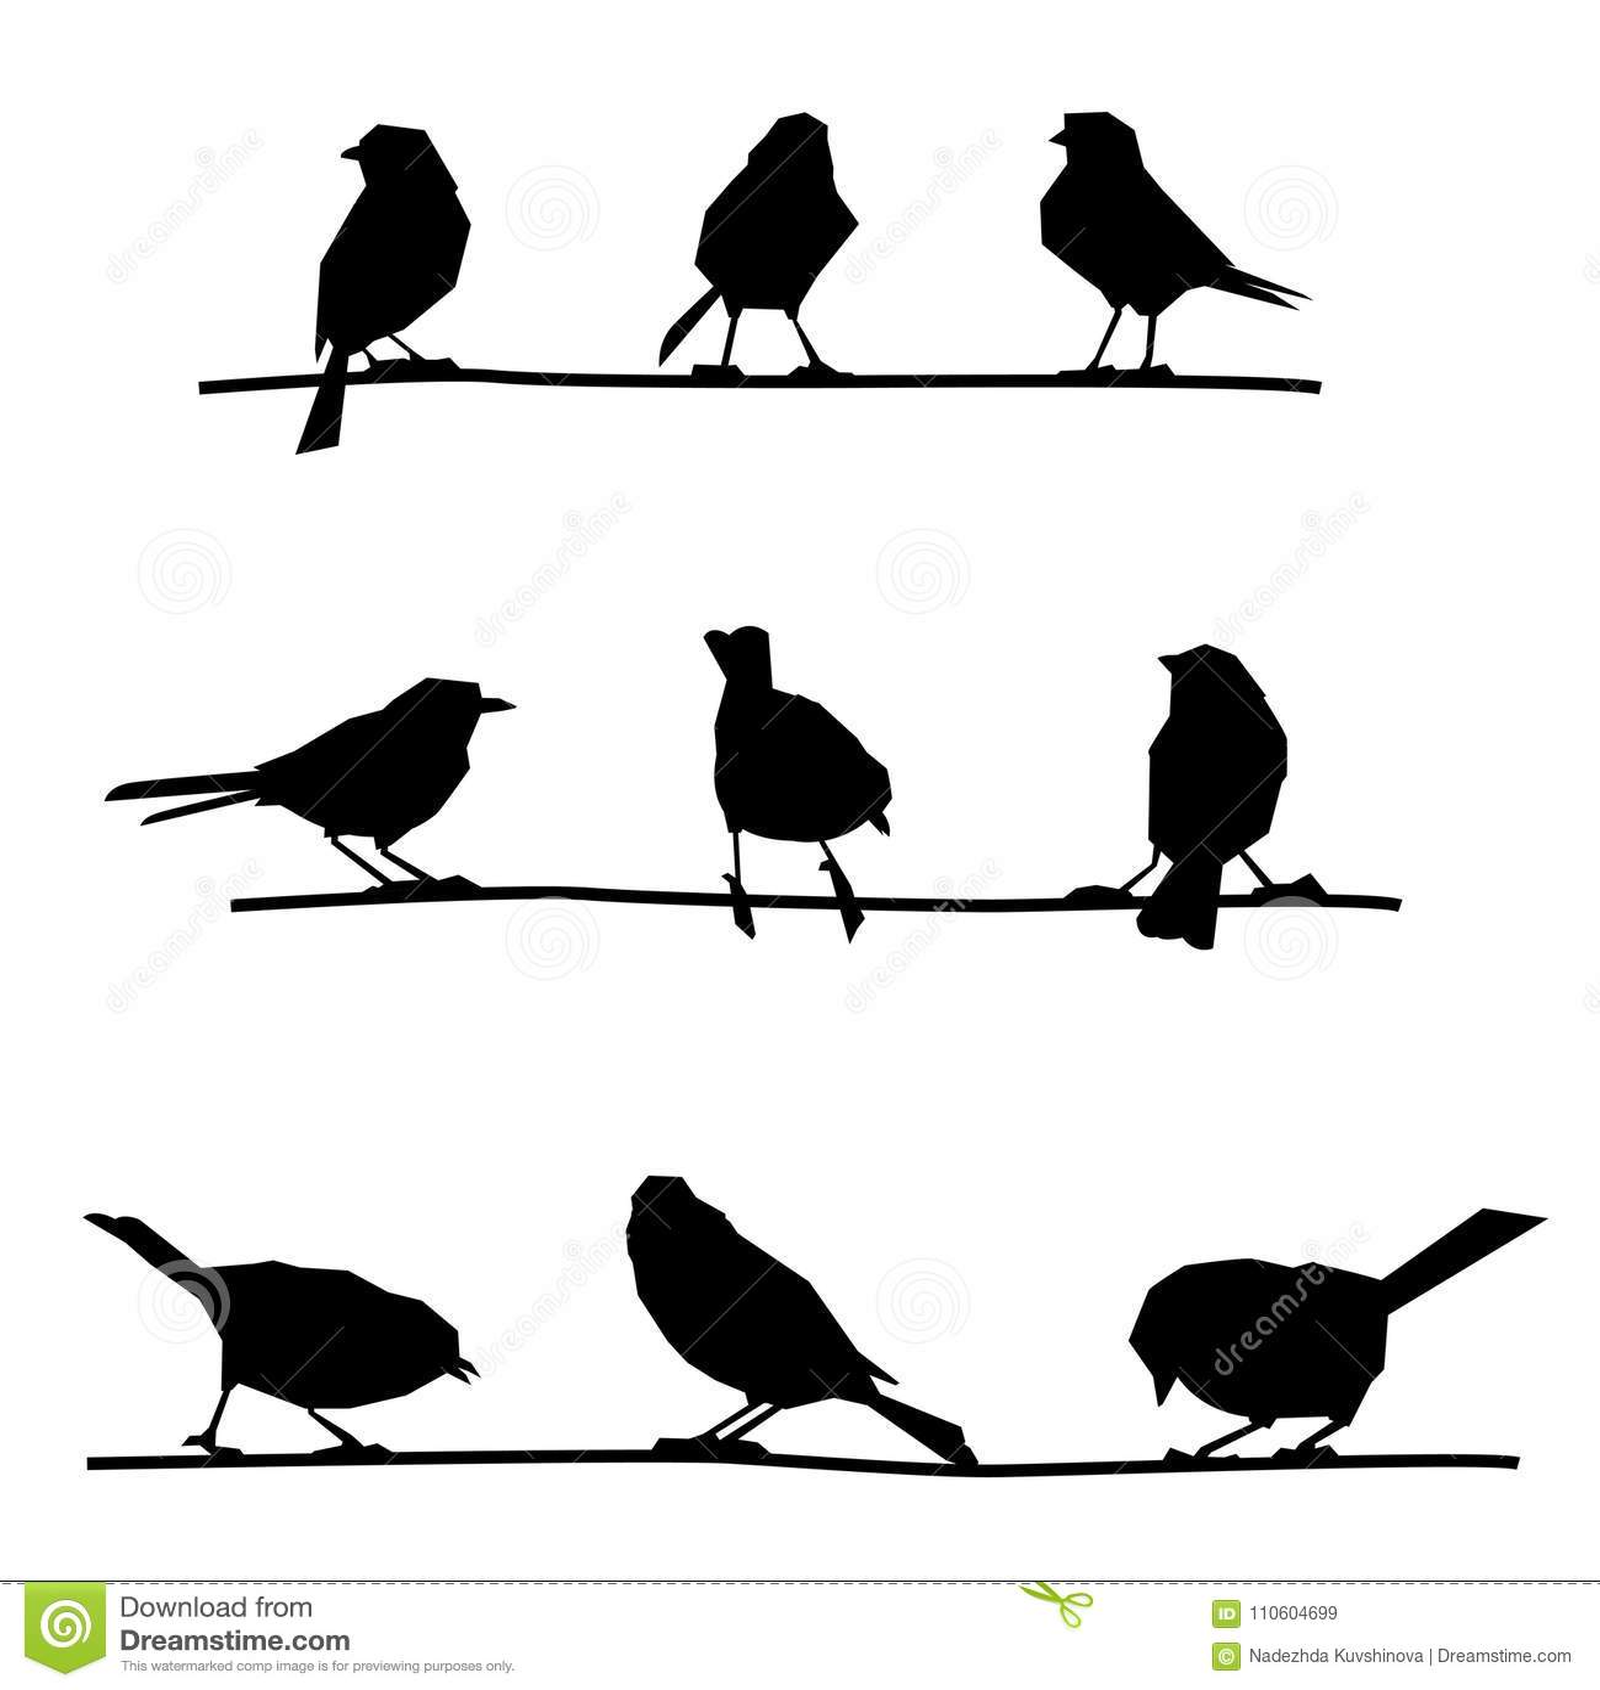 Birds On Branches Stock Vector Illustration Of Flight 110604699